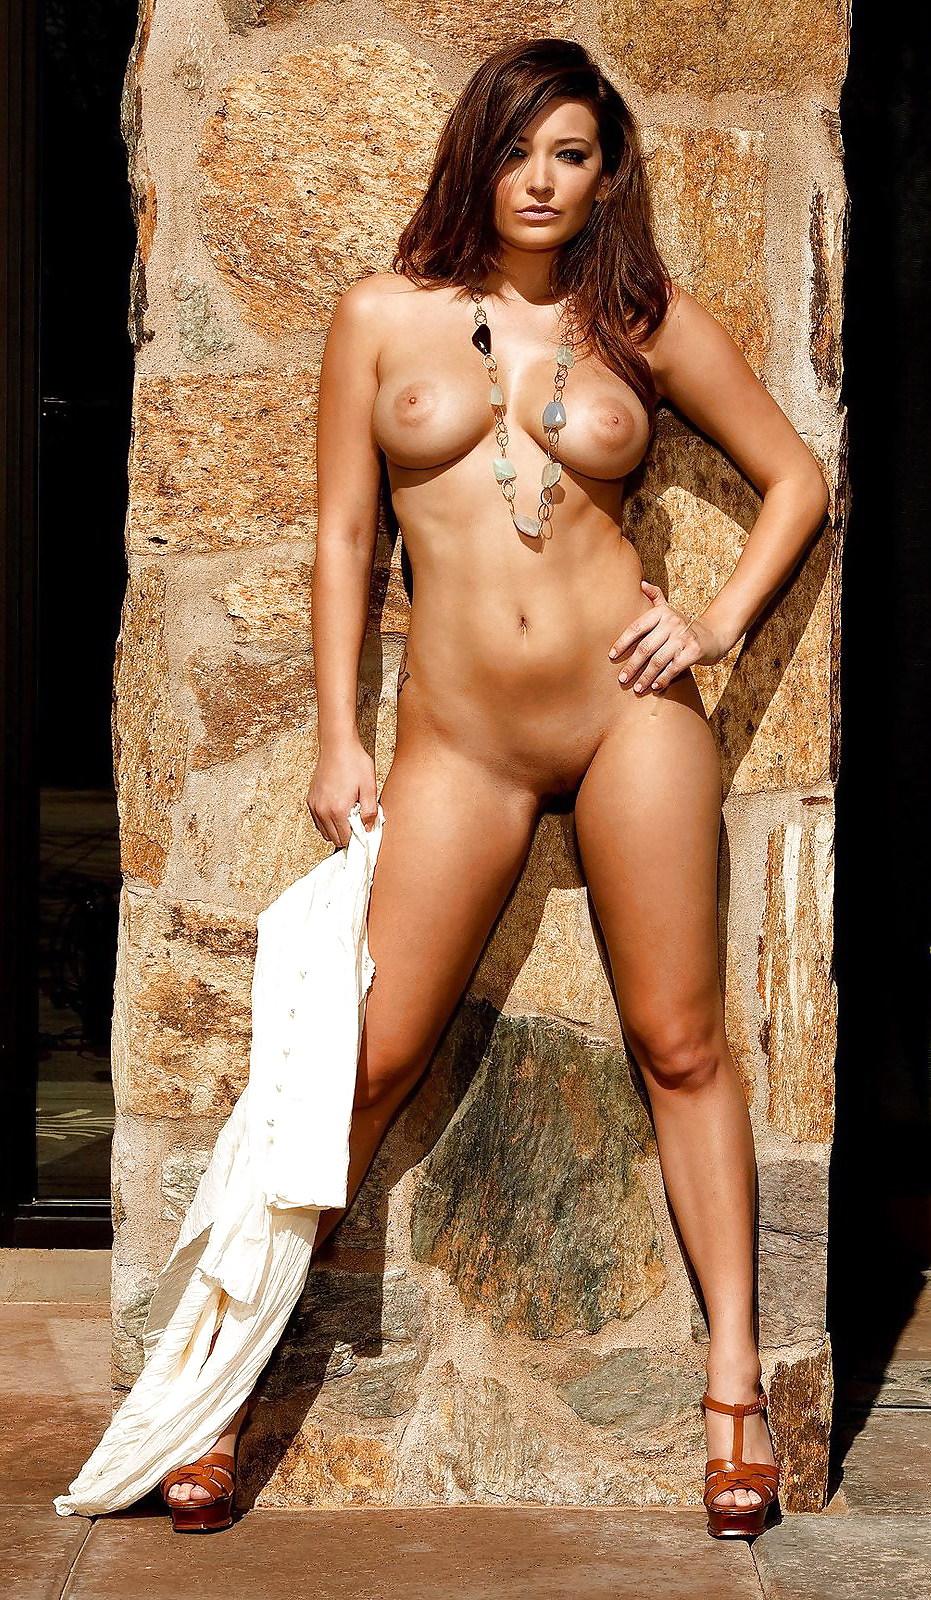 Cristine christine reyes nude